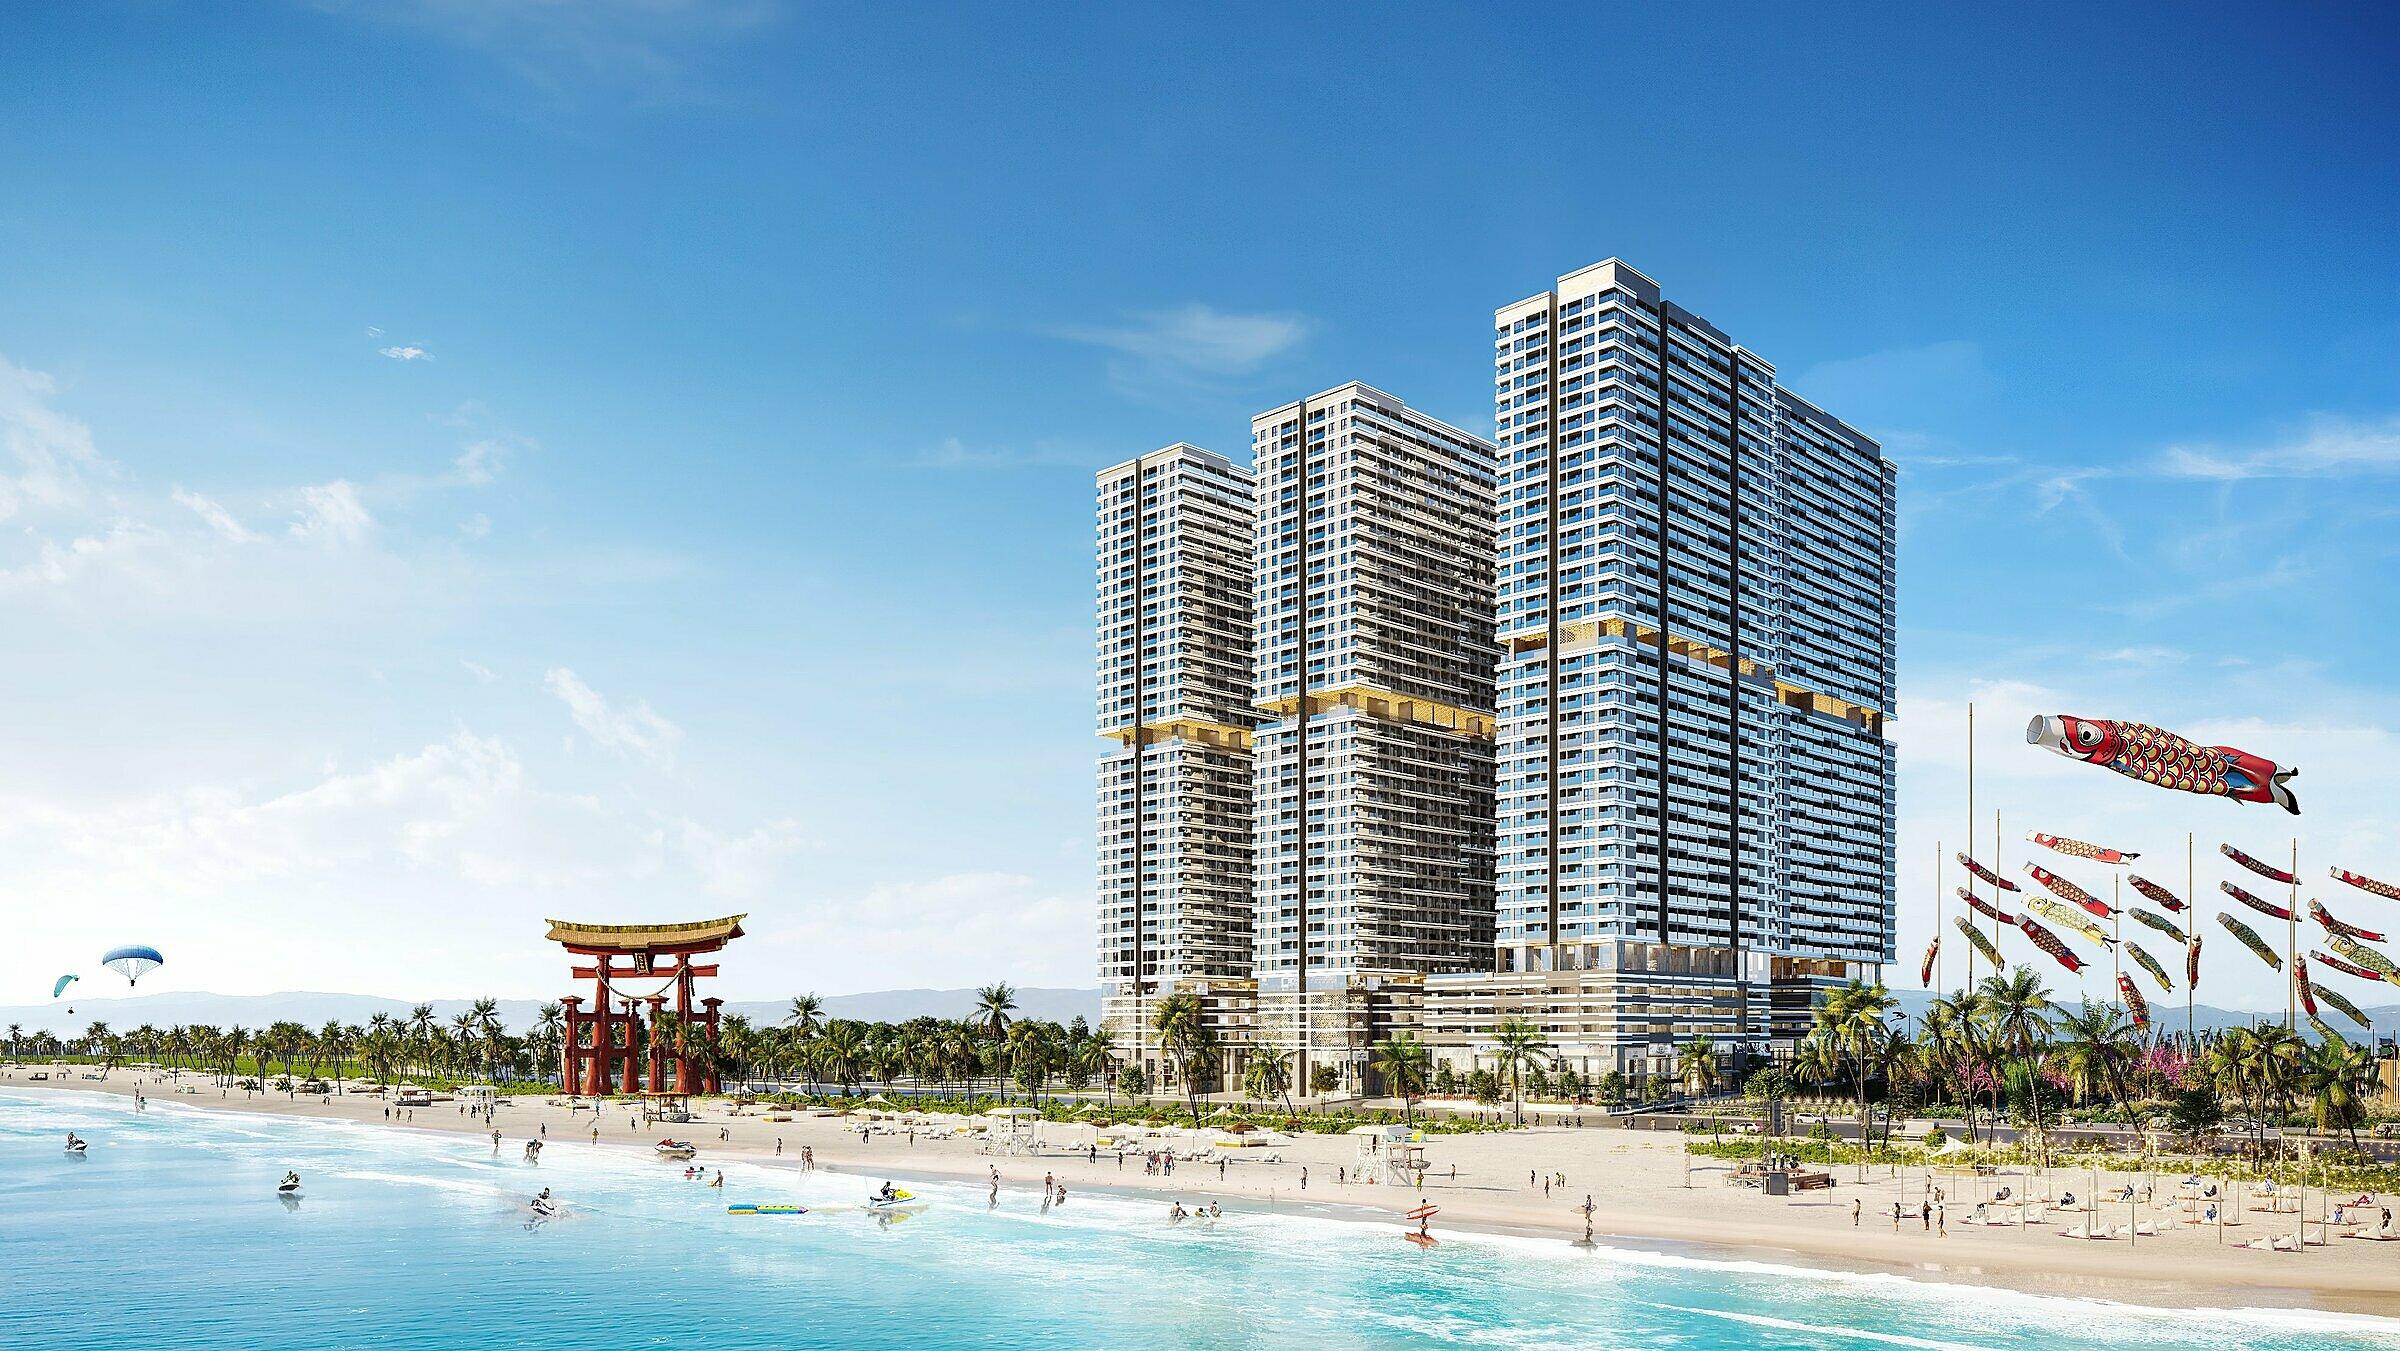 Phối cảnh Khu đô thị Takashi Ocean Suite Kỳ Co nhìn từ mặt biển. Ảnh: Tập đoàn Danh Khôi.